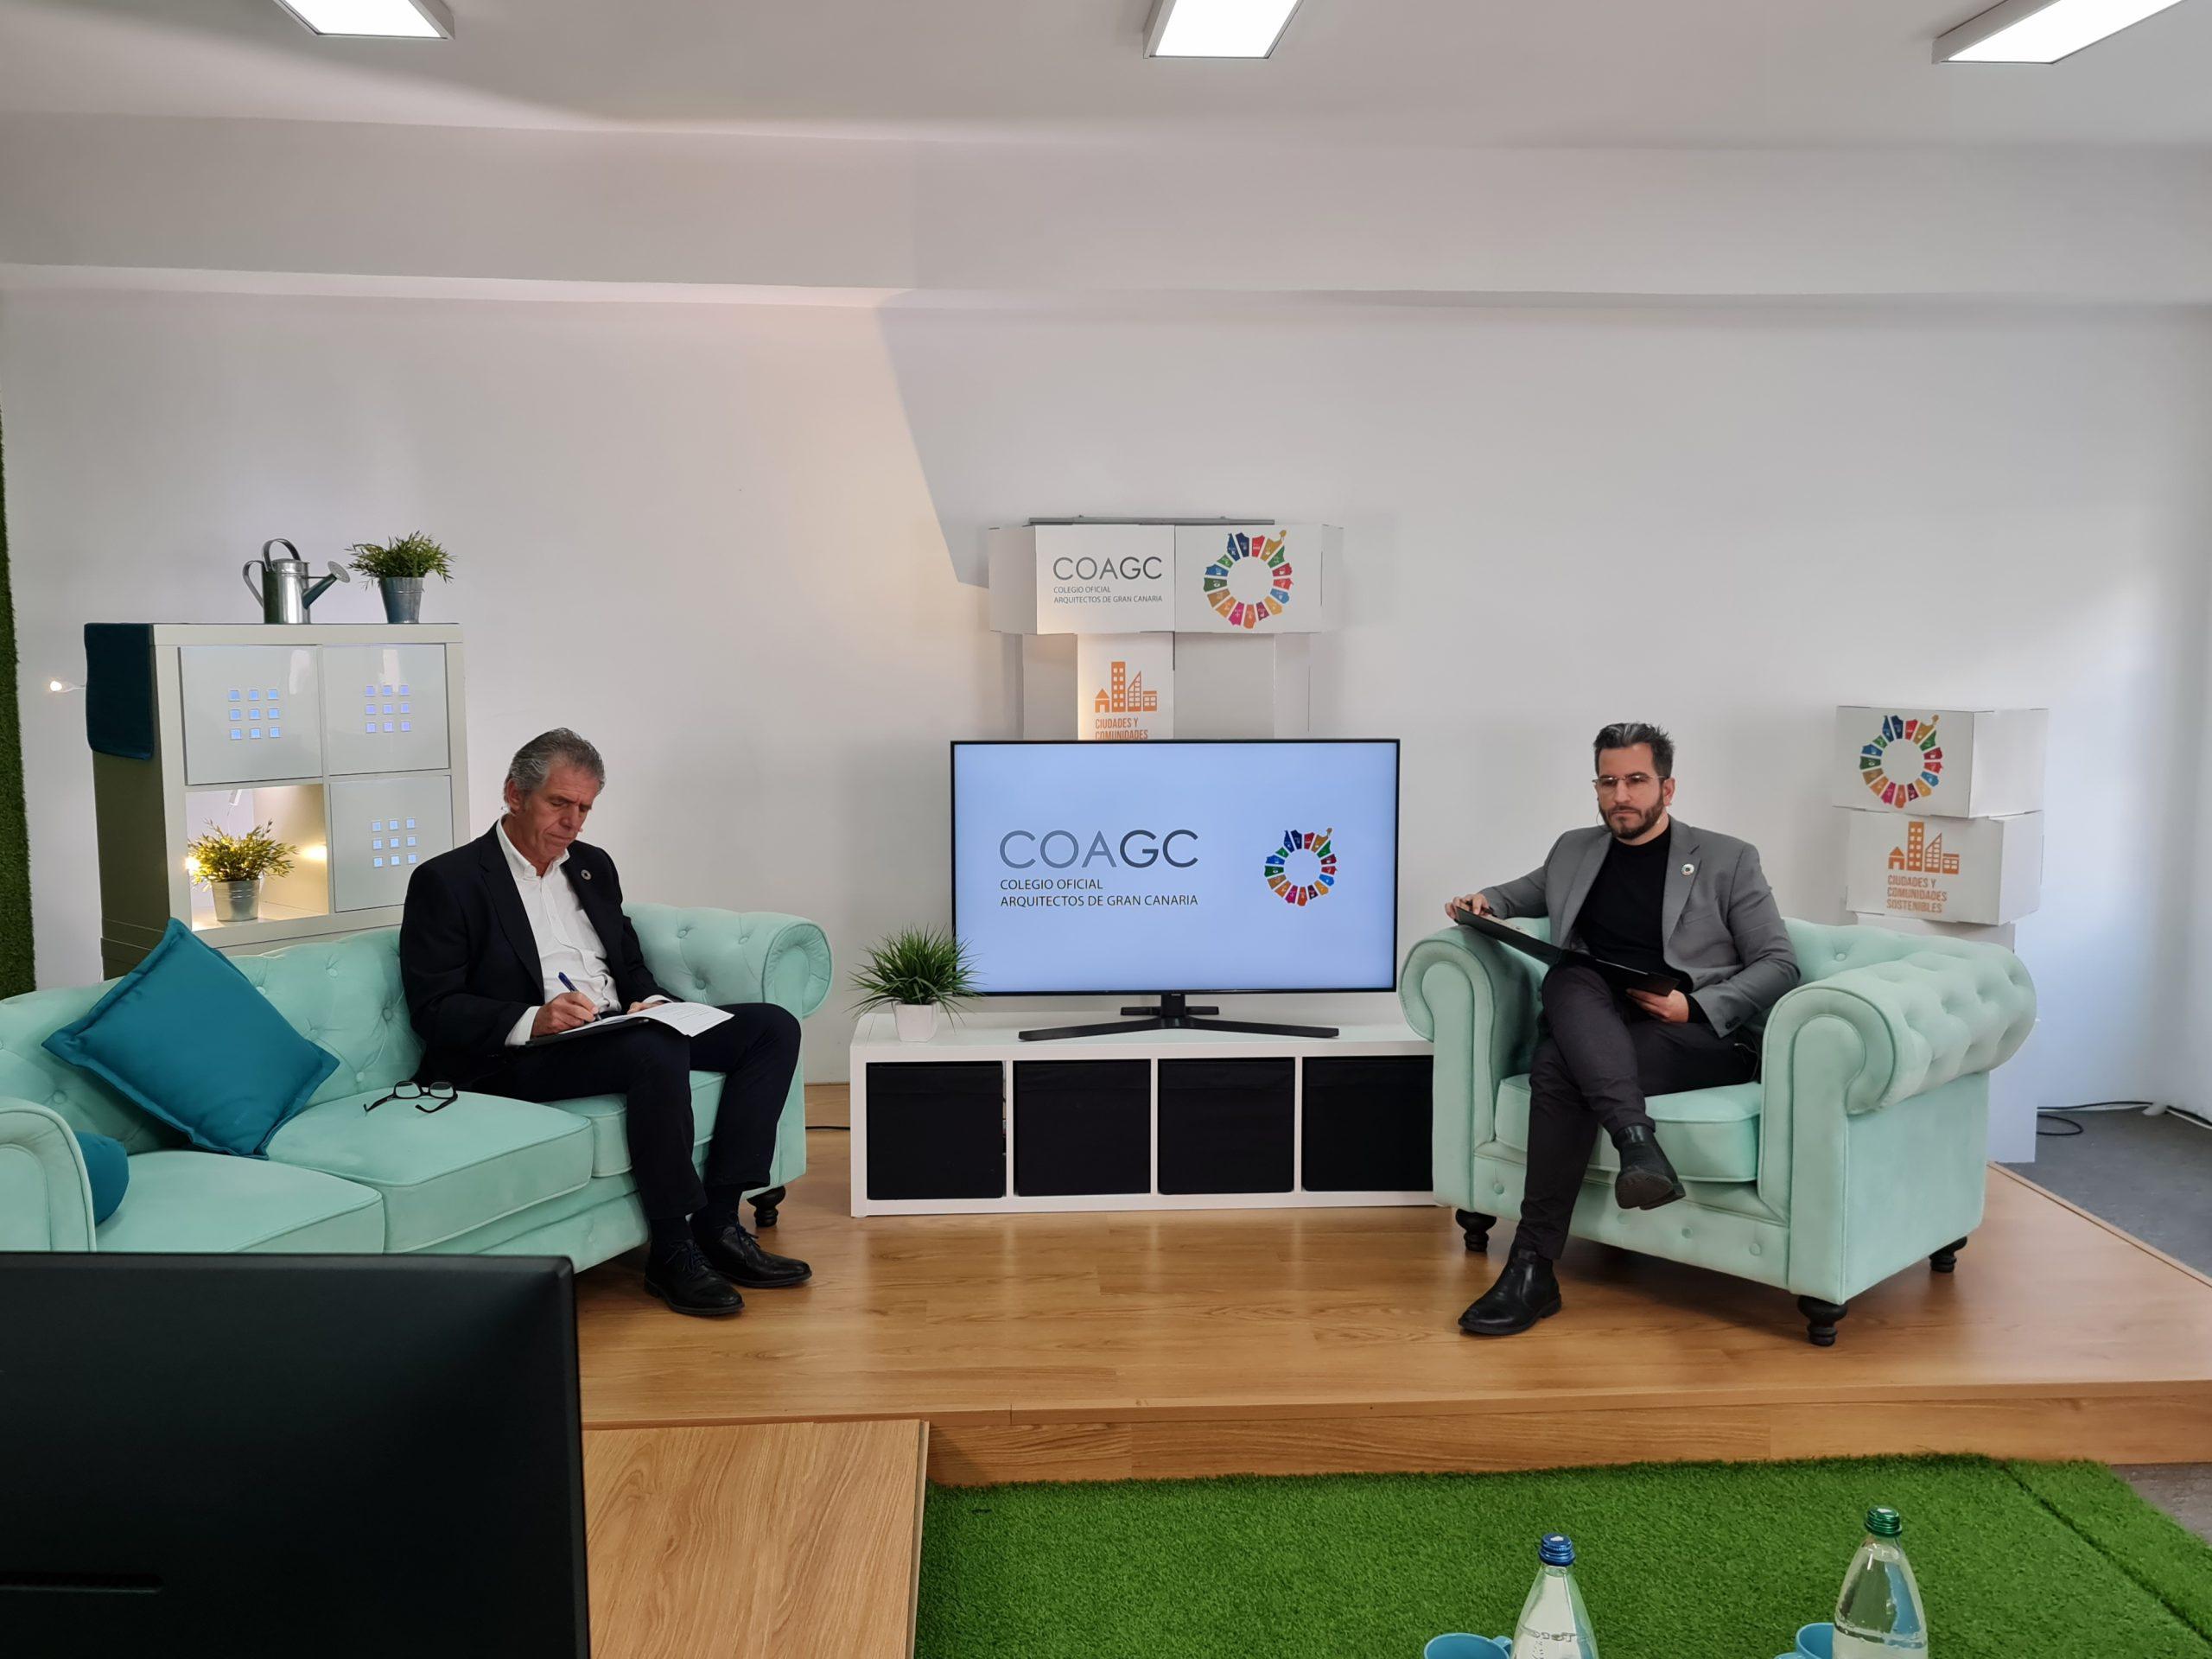 El Colegio de Arquitectos aporta soluciones al futuro de Canarias